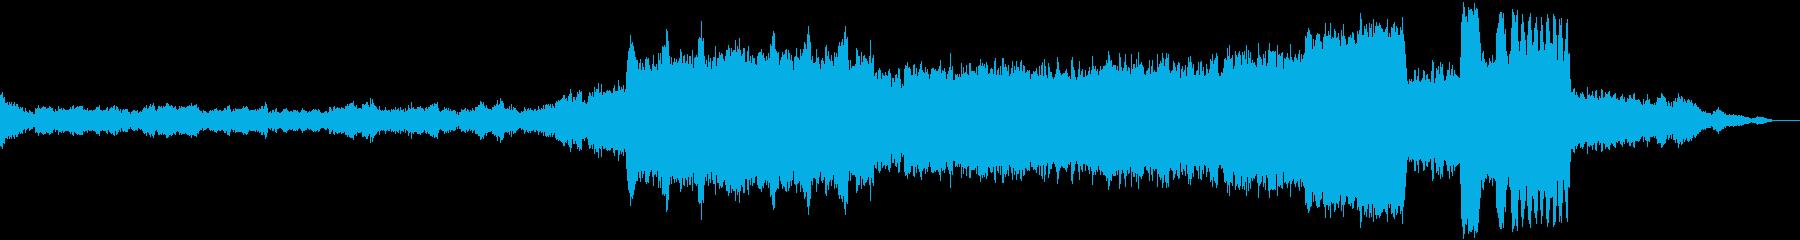 チャイコフスキー作曲のバレエ音楽の再生済みの波形